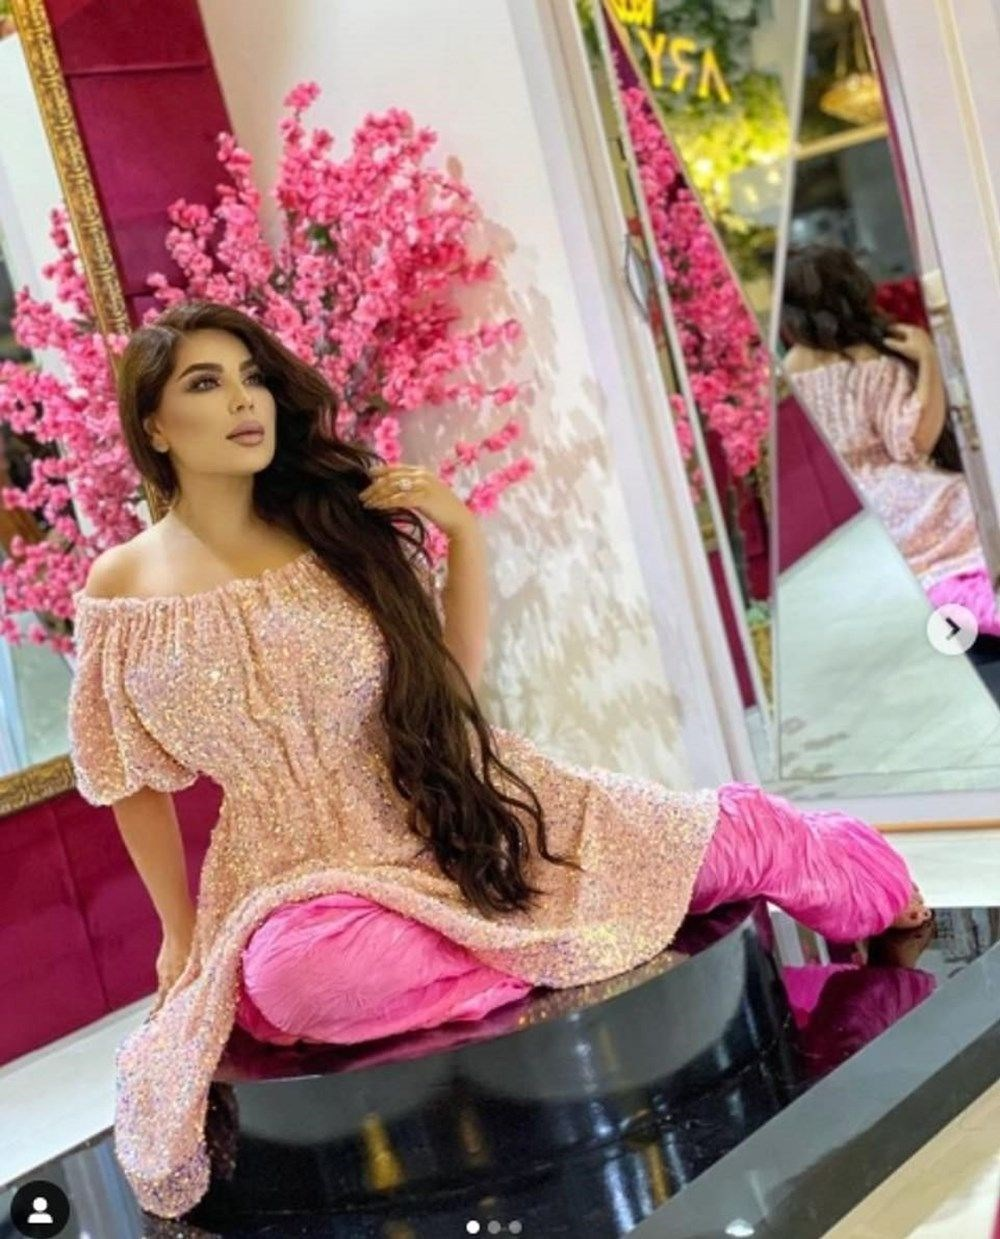 Afgan popstar Aryana Sayeed İstanbul'a kaçışını anlattı: Beni kafamdan vur, Taliban'a verme! - 7